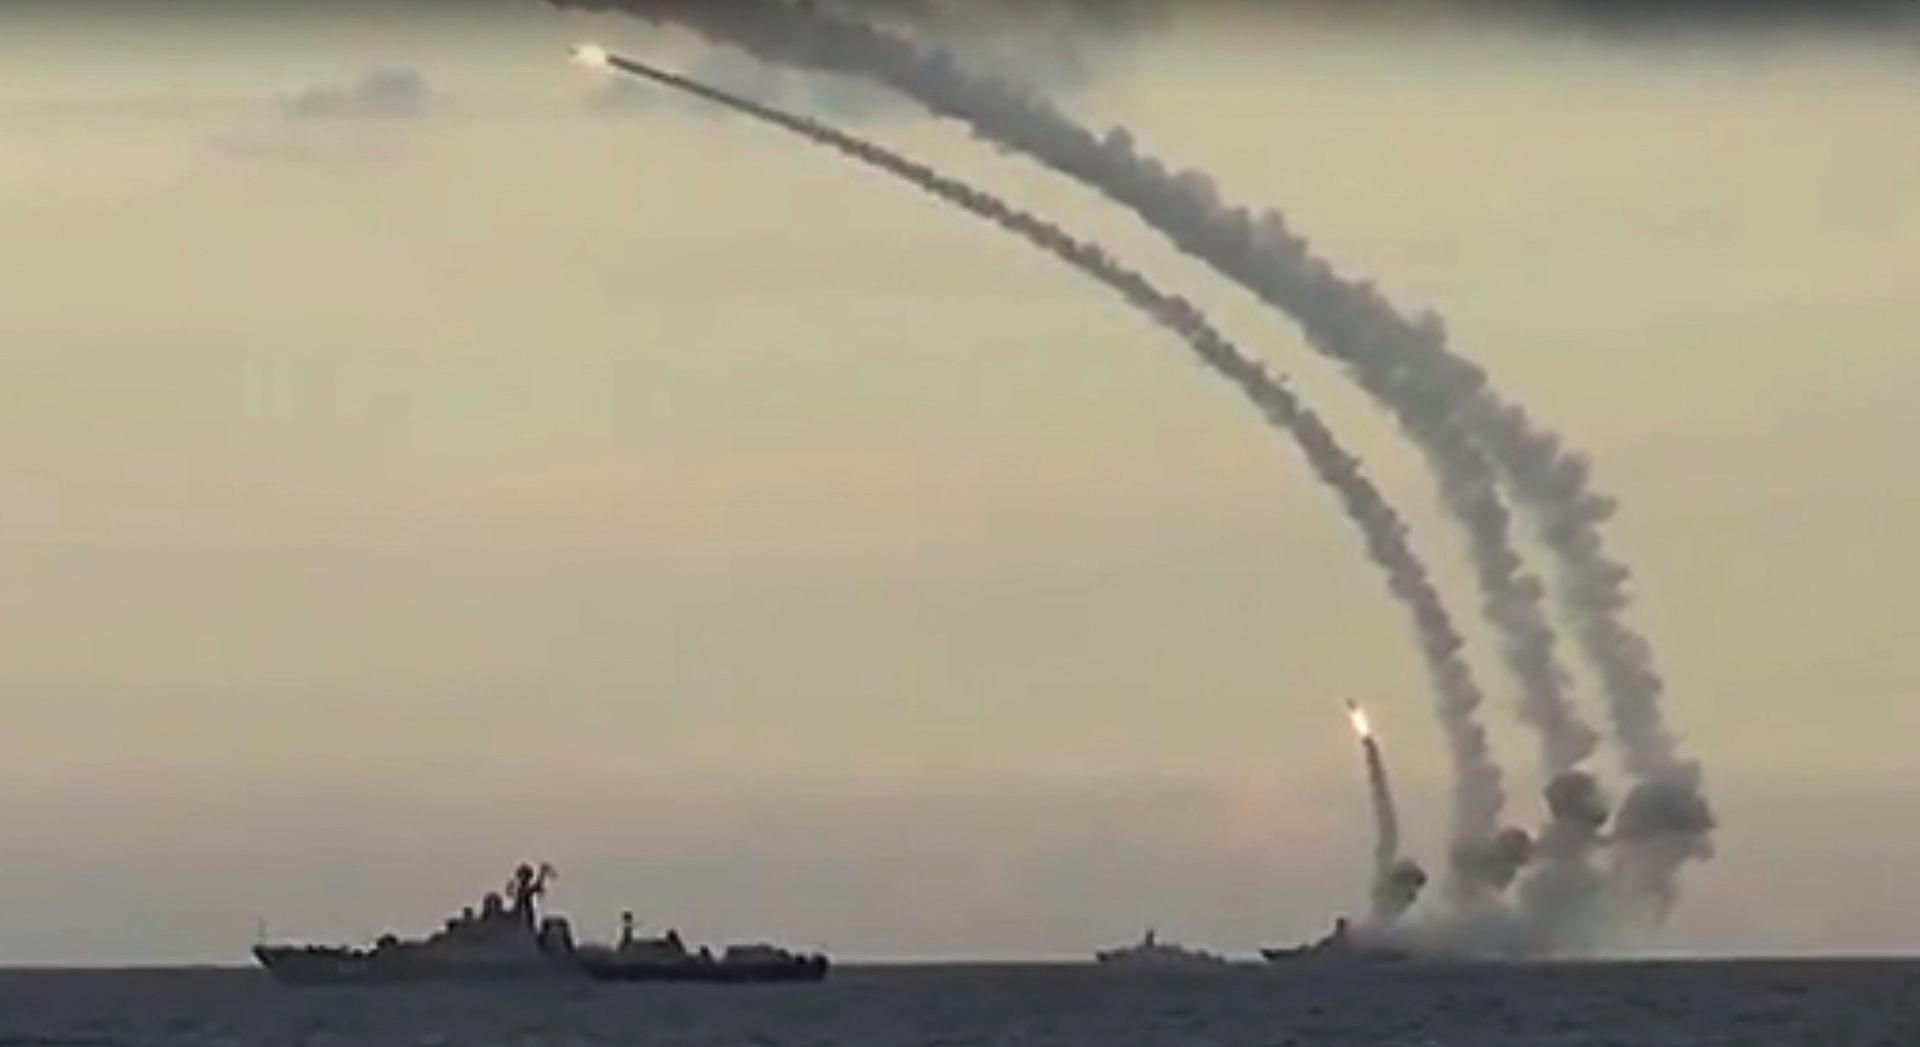 روسيا وإيران وأذربيجان قد توجه مدافعها صوب بعضها البعض